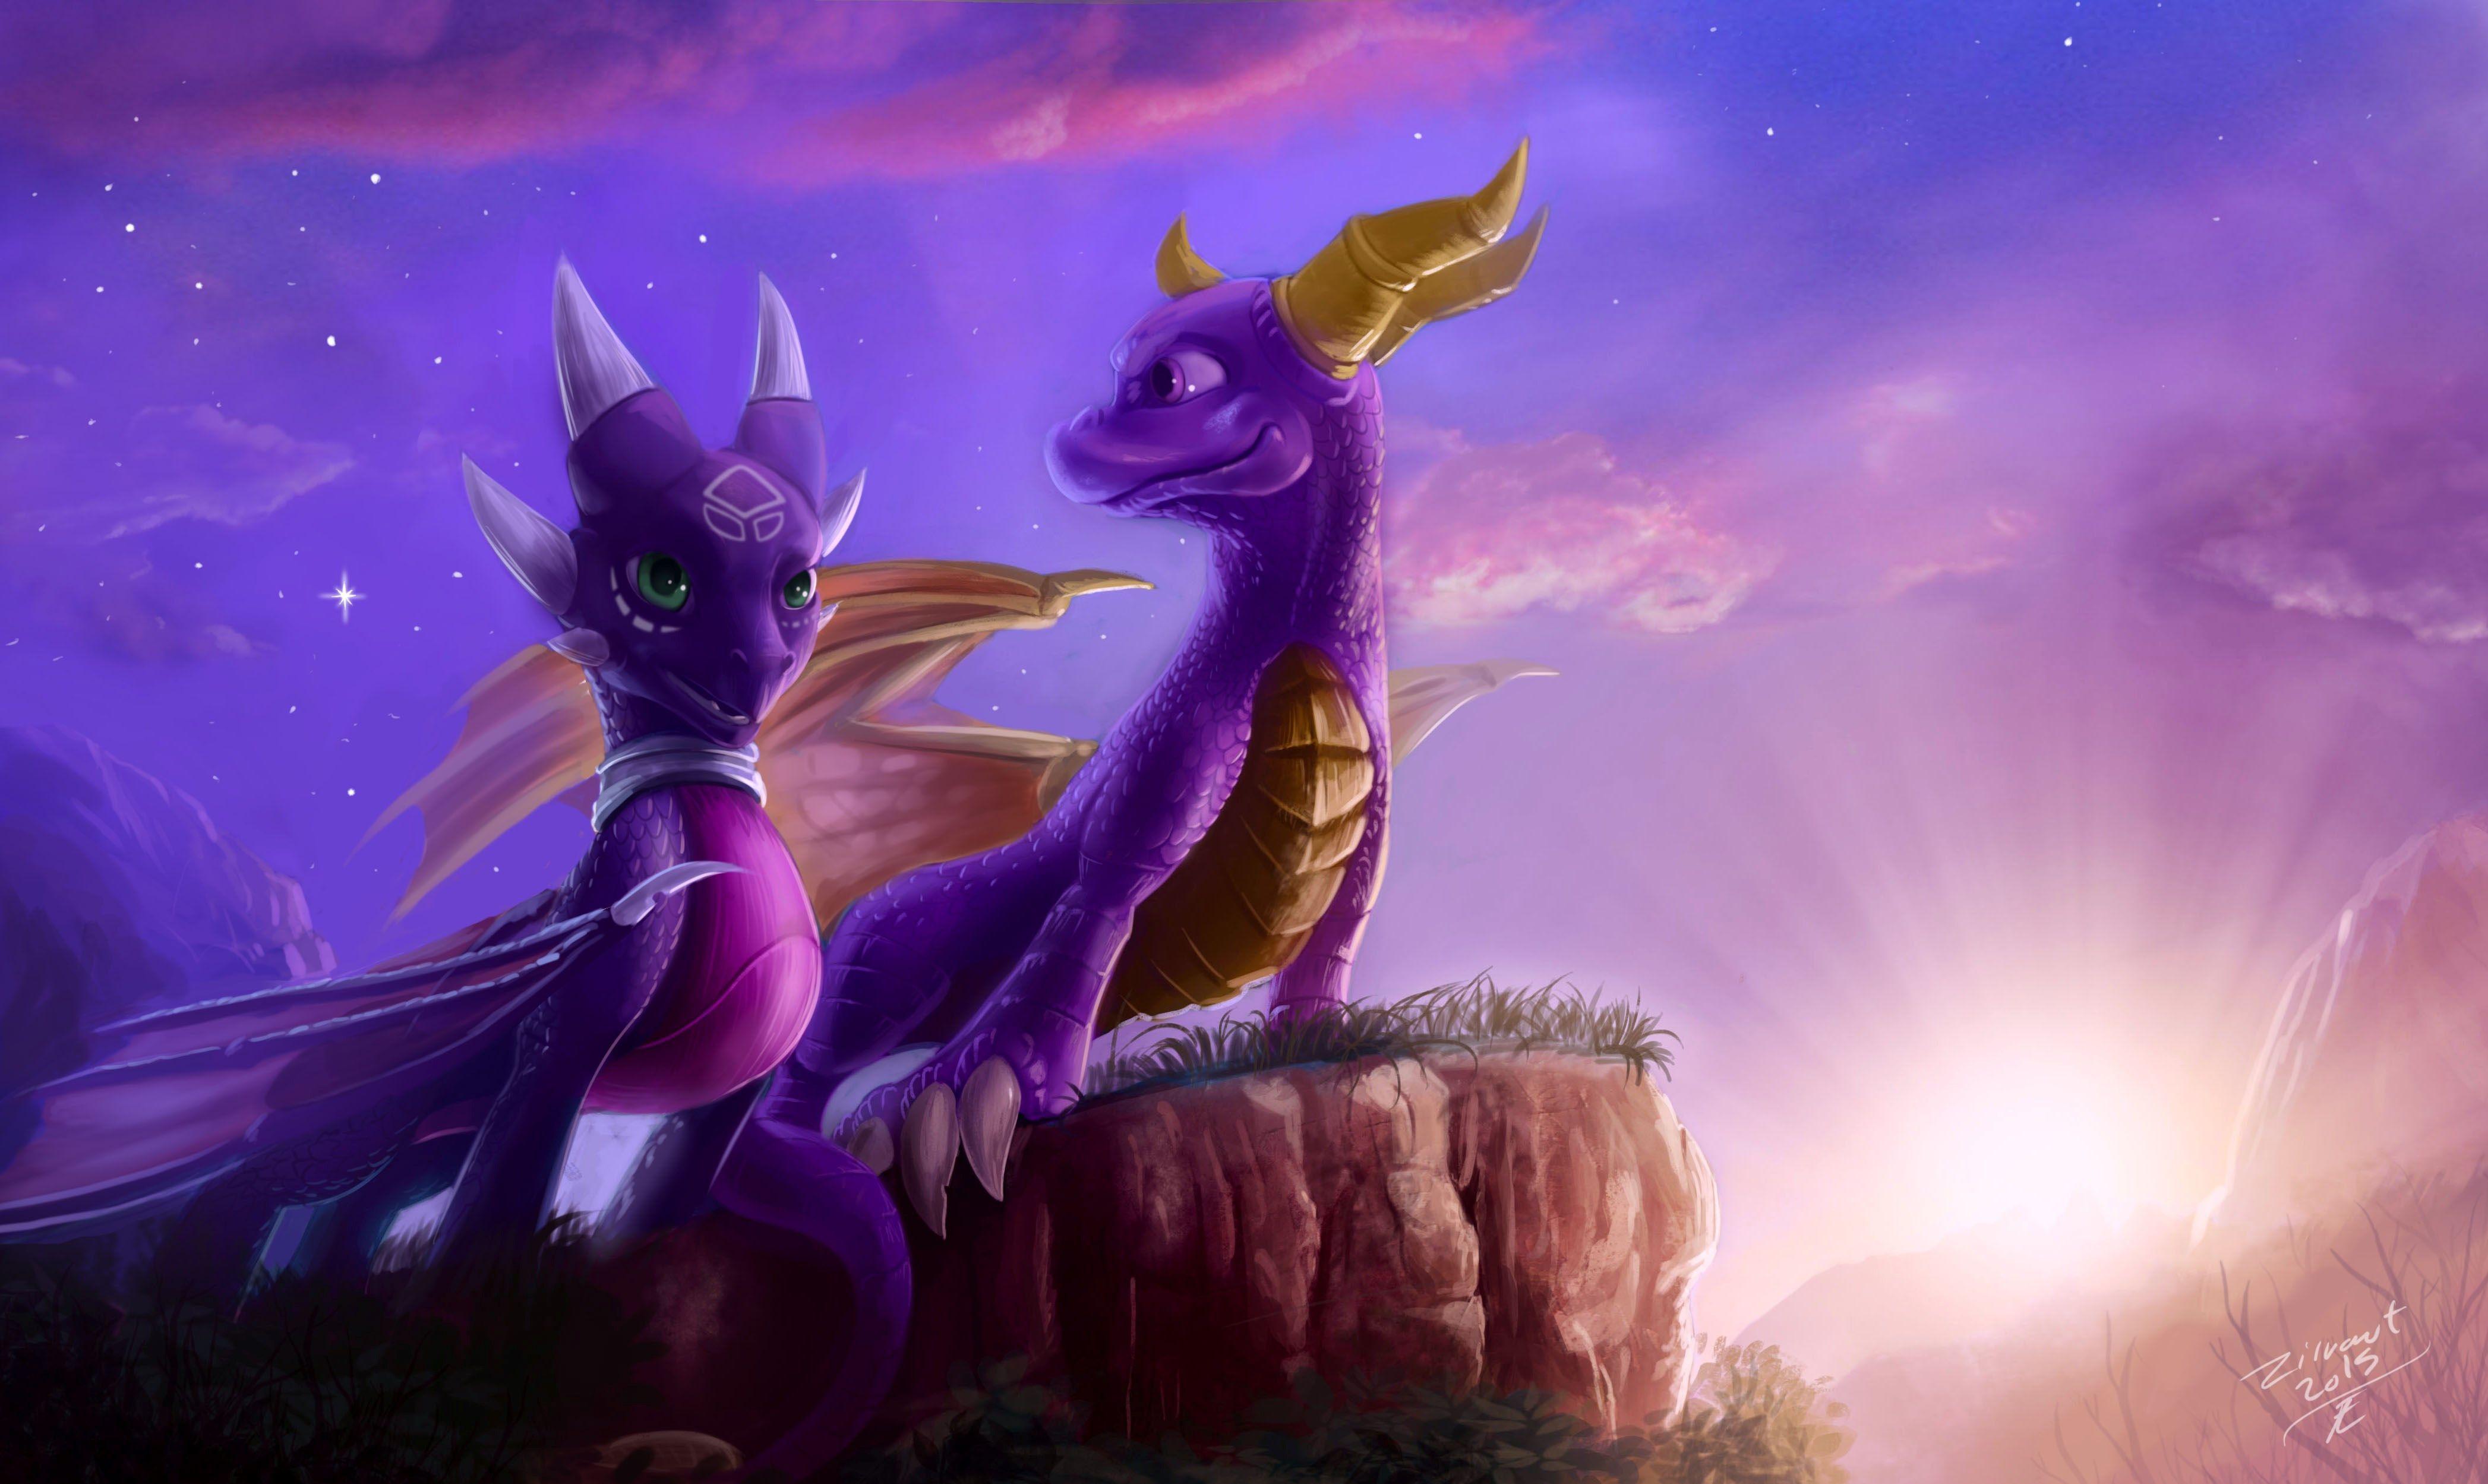 4k Wallpaper Spyro The Dragon 4188x2498 Spyro Cynder Spyro